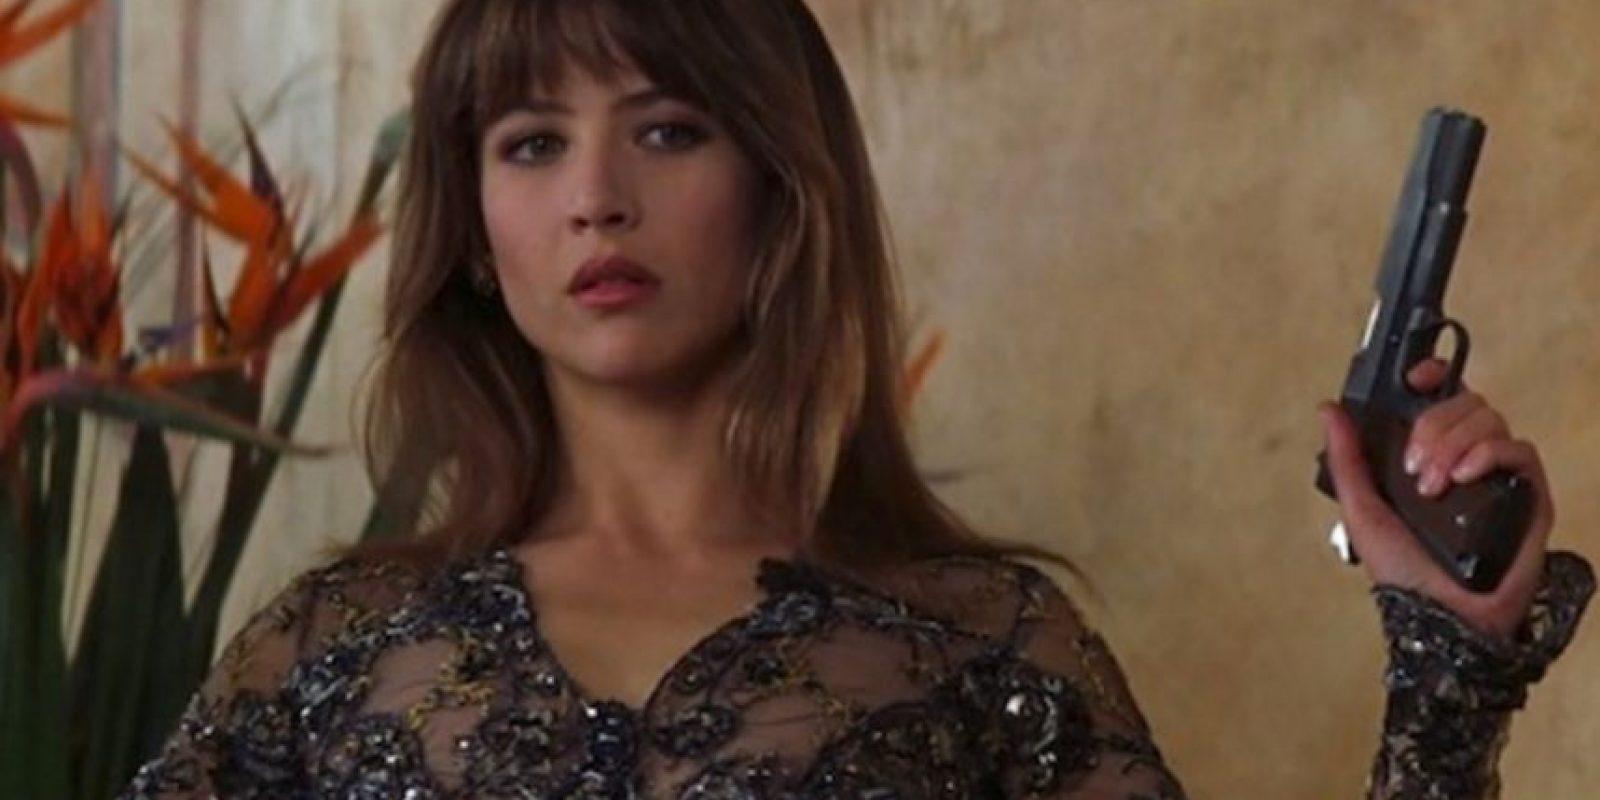 """Sophie Merceau fue escogida también como chica Bond para """"The World is not enough"""". Tuvo un romance con 007 (Brosnan), pero resultó ser una 'femme fatale' y el agente secreto termina asesinándola. Foto:Vía imdb.com"""